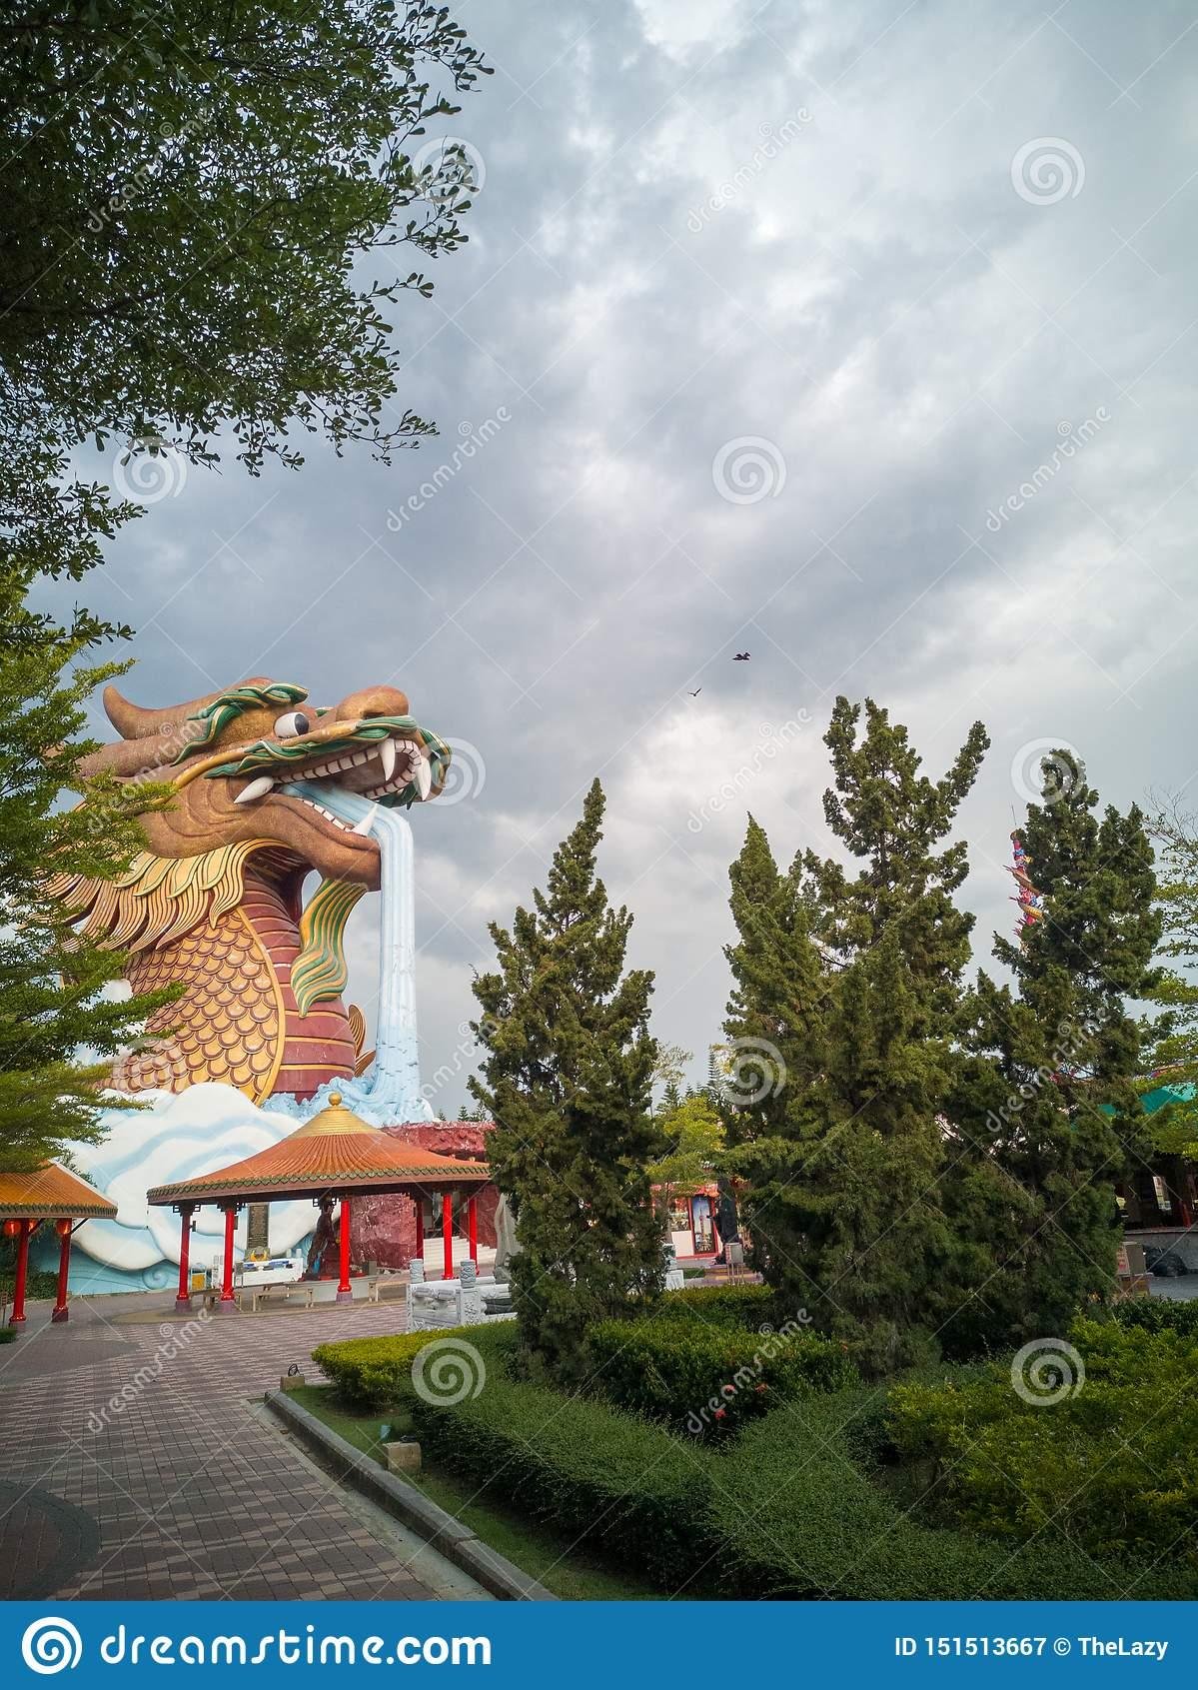 Un grand bâtiment de dragon dans le jardin tandis que le ciel est près pour pleuvoir